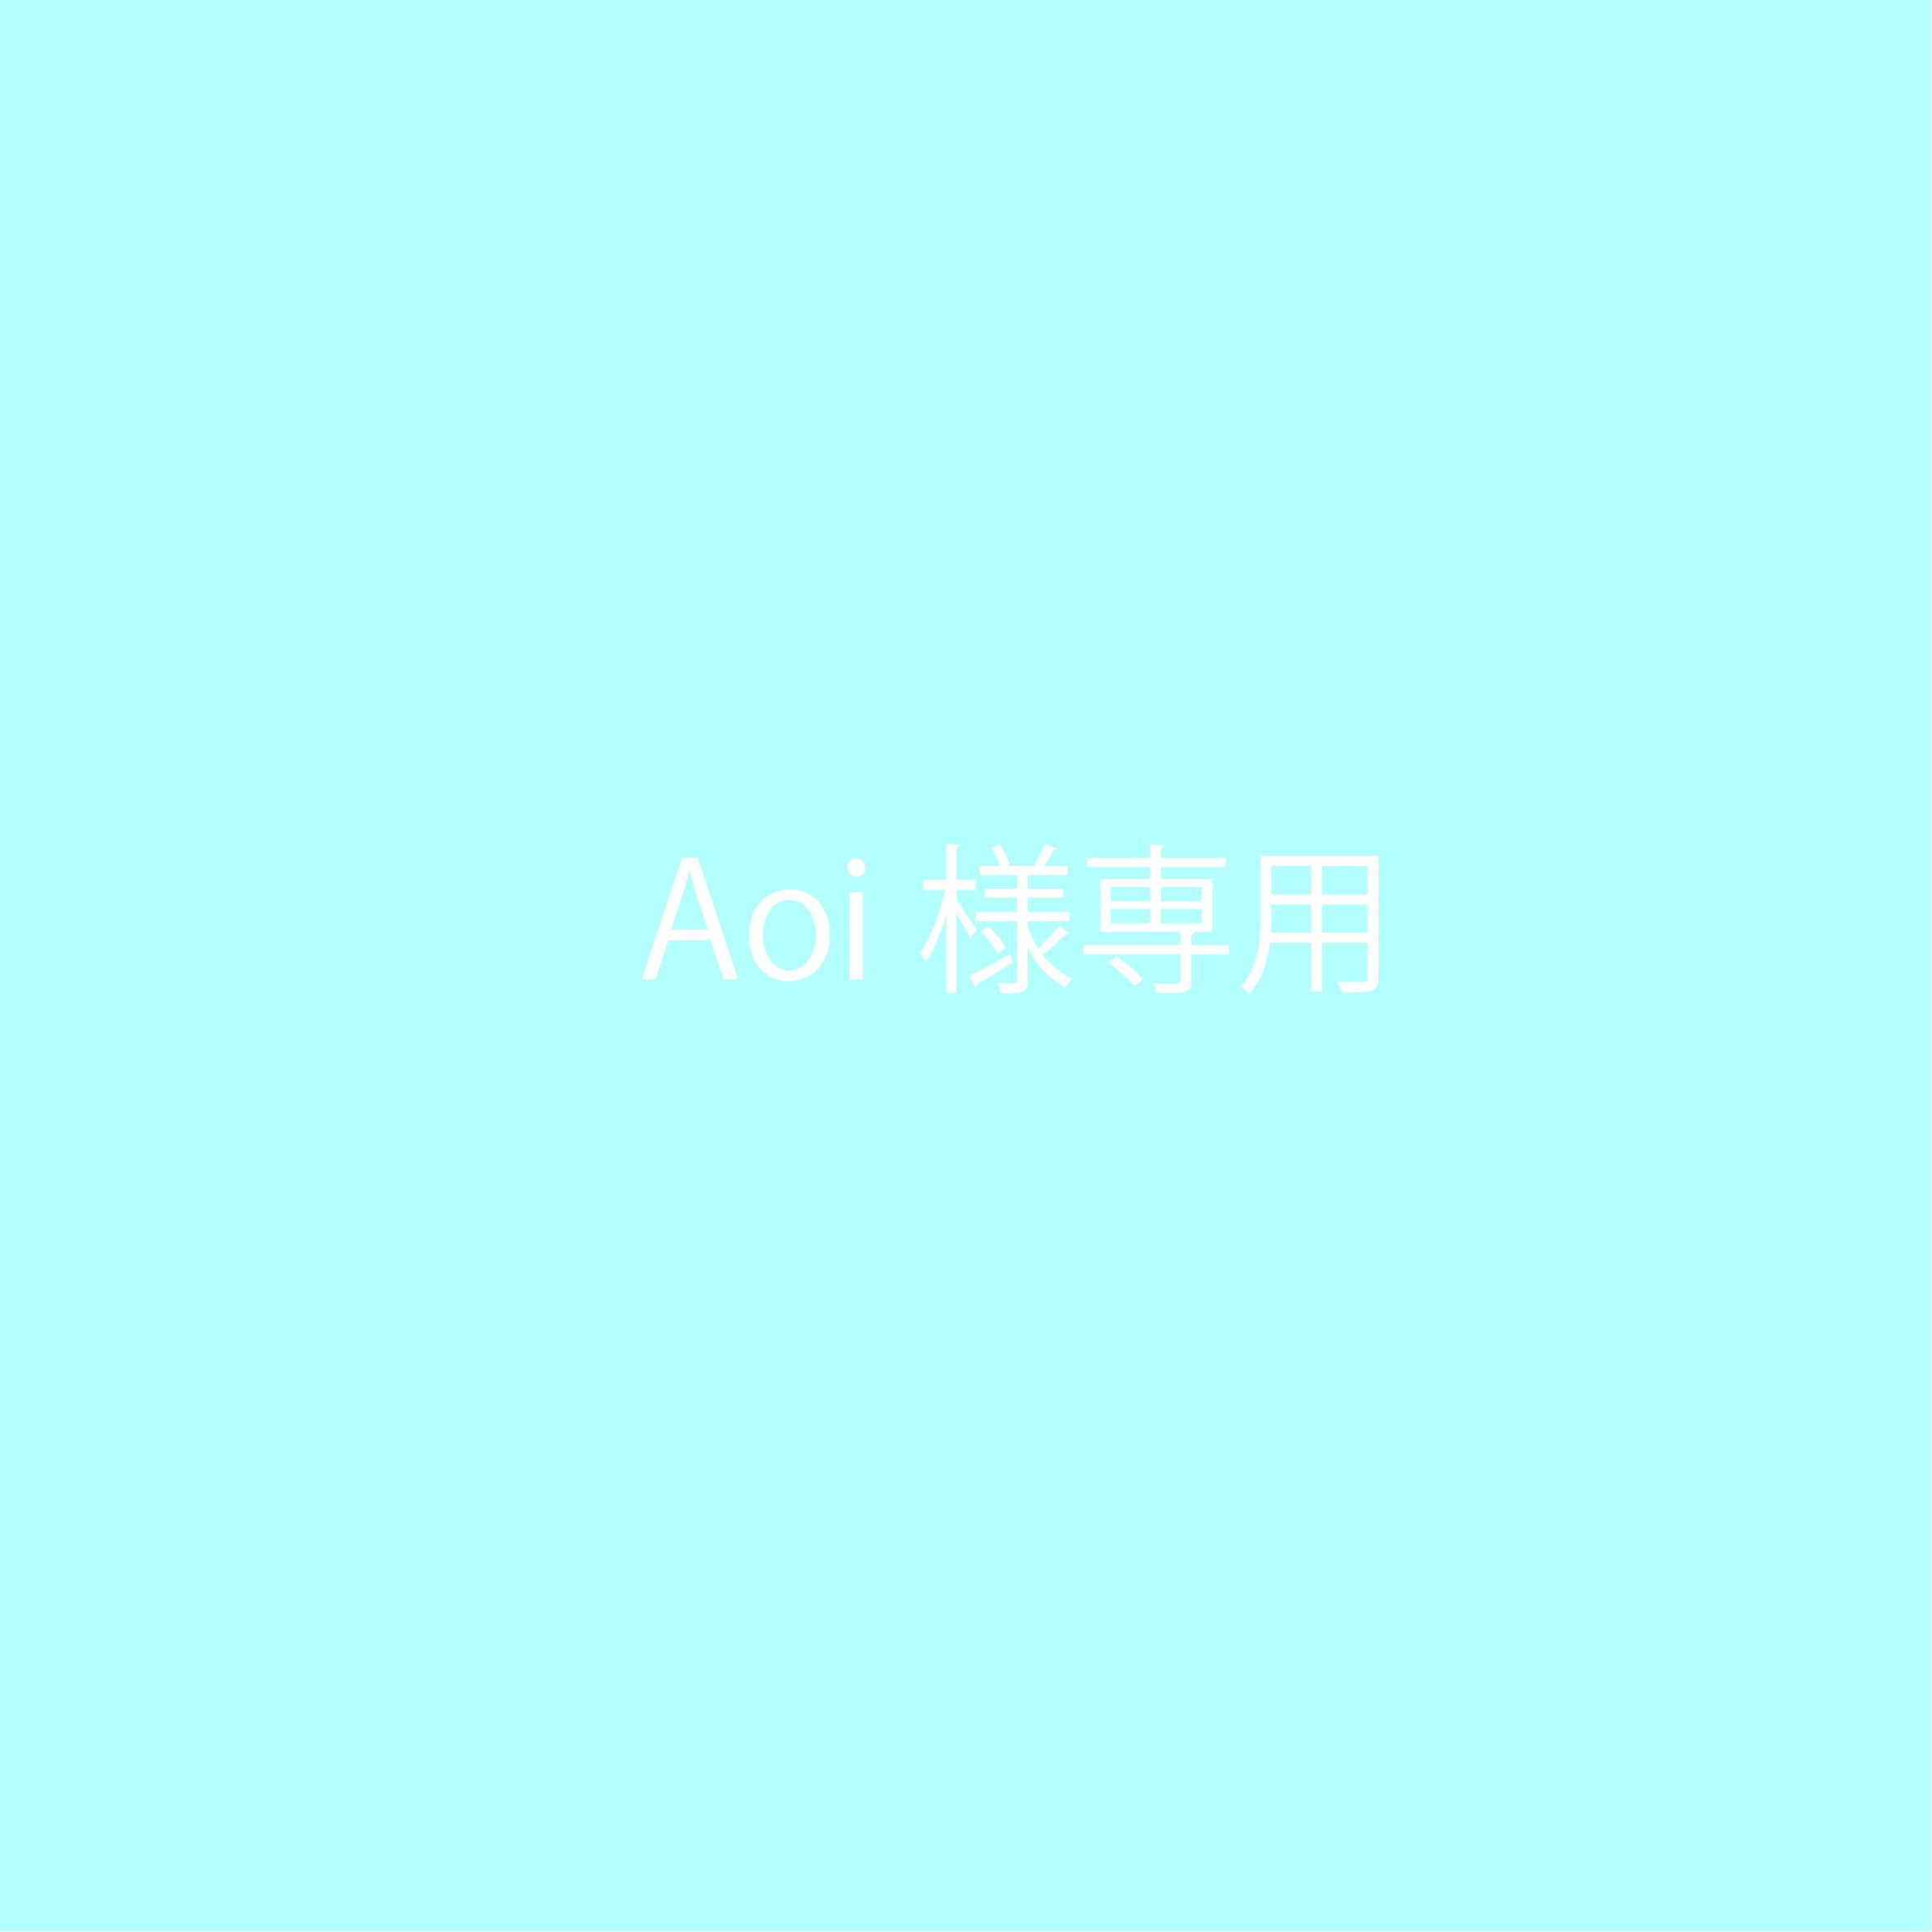 Aoi様専用